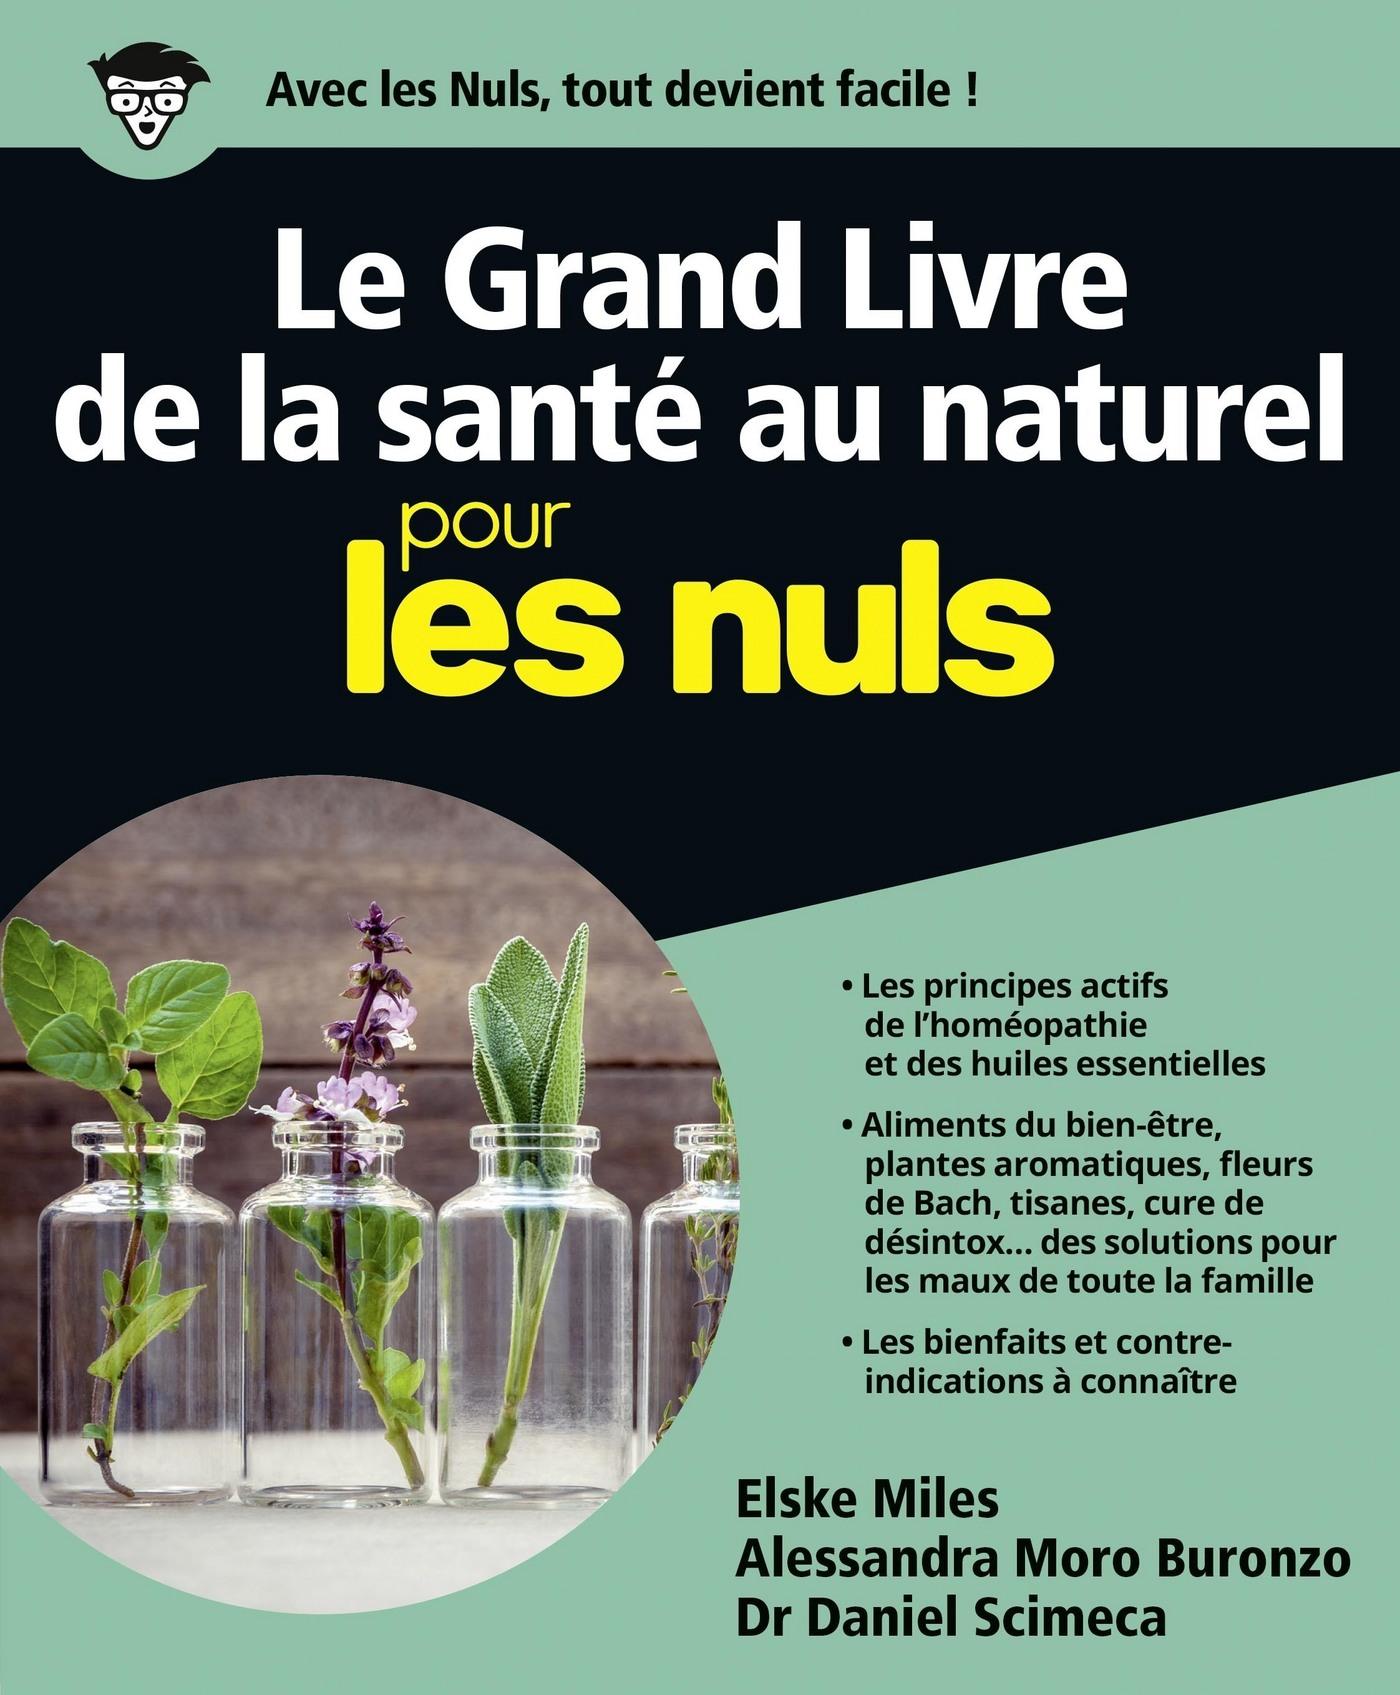 Le Grand livre de la santé au naturel pour les Nuls (ebook)